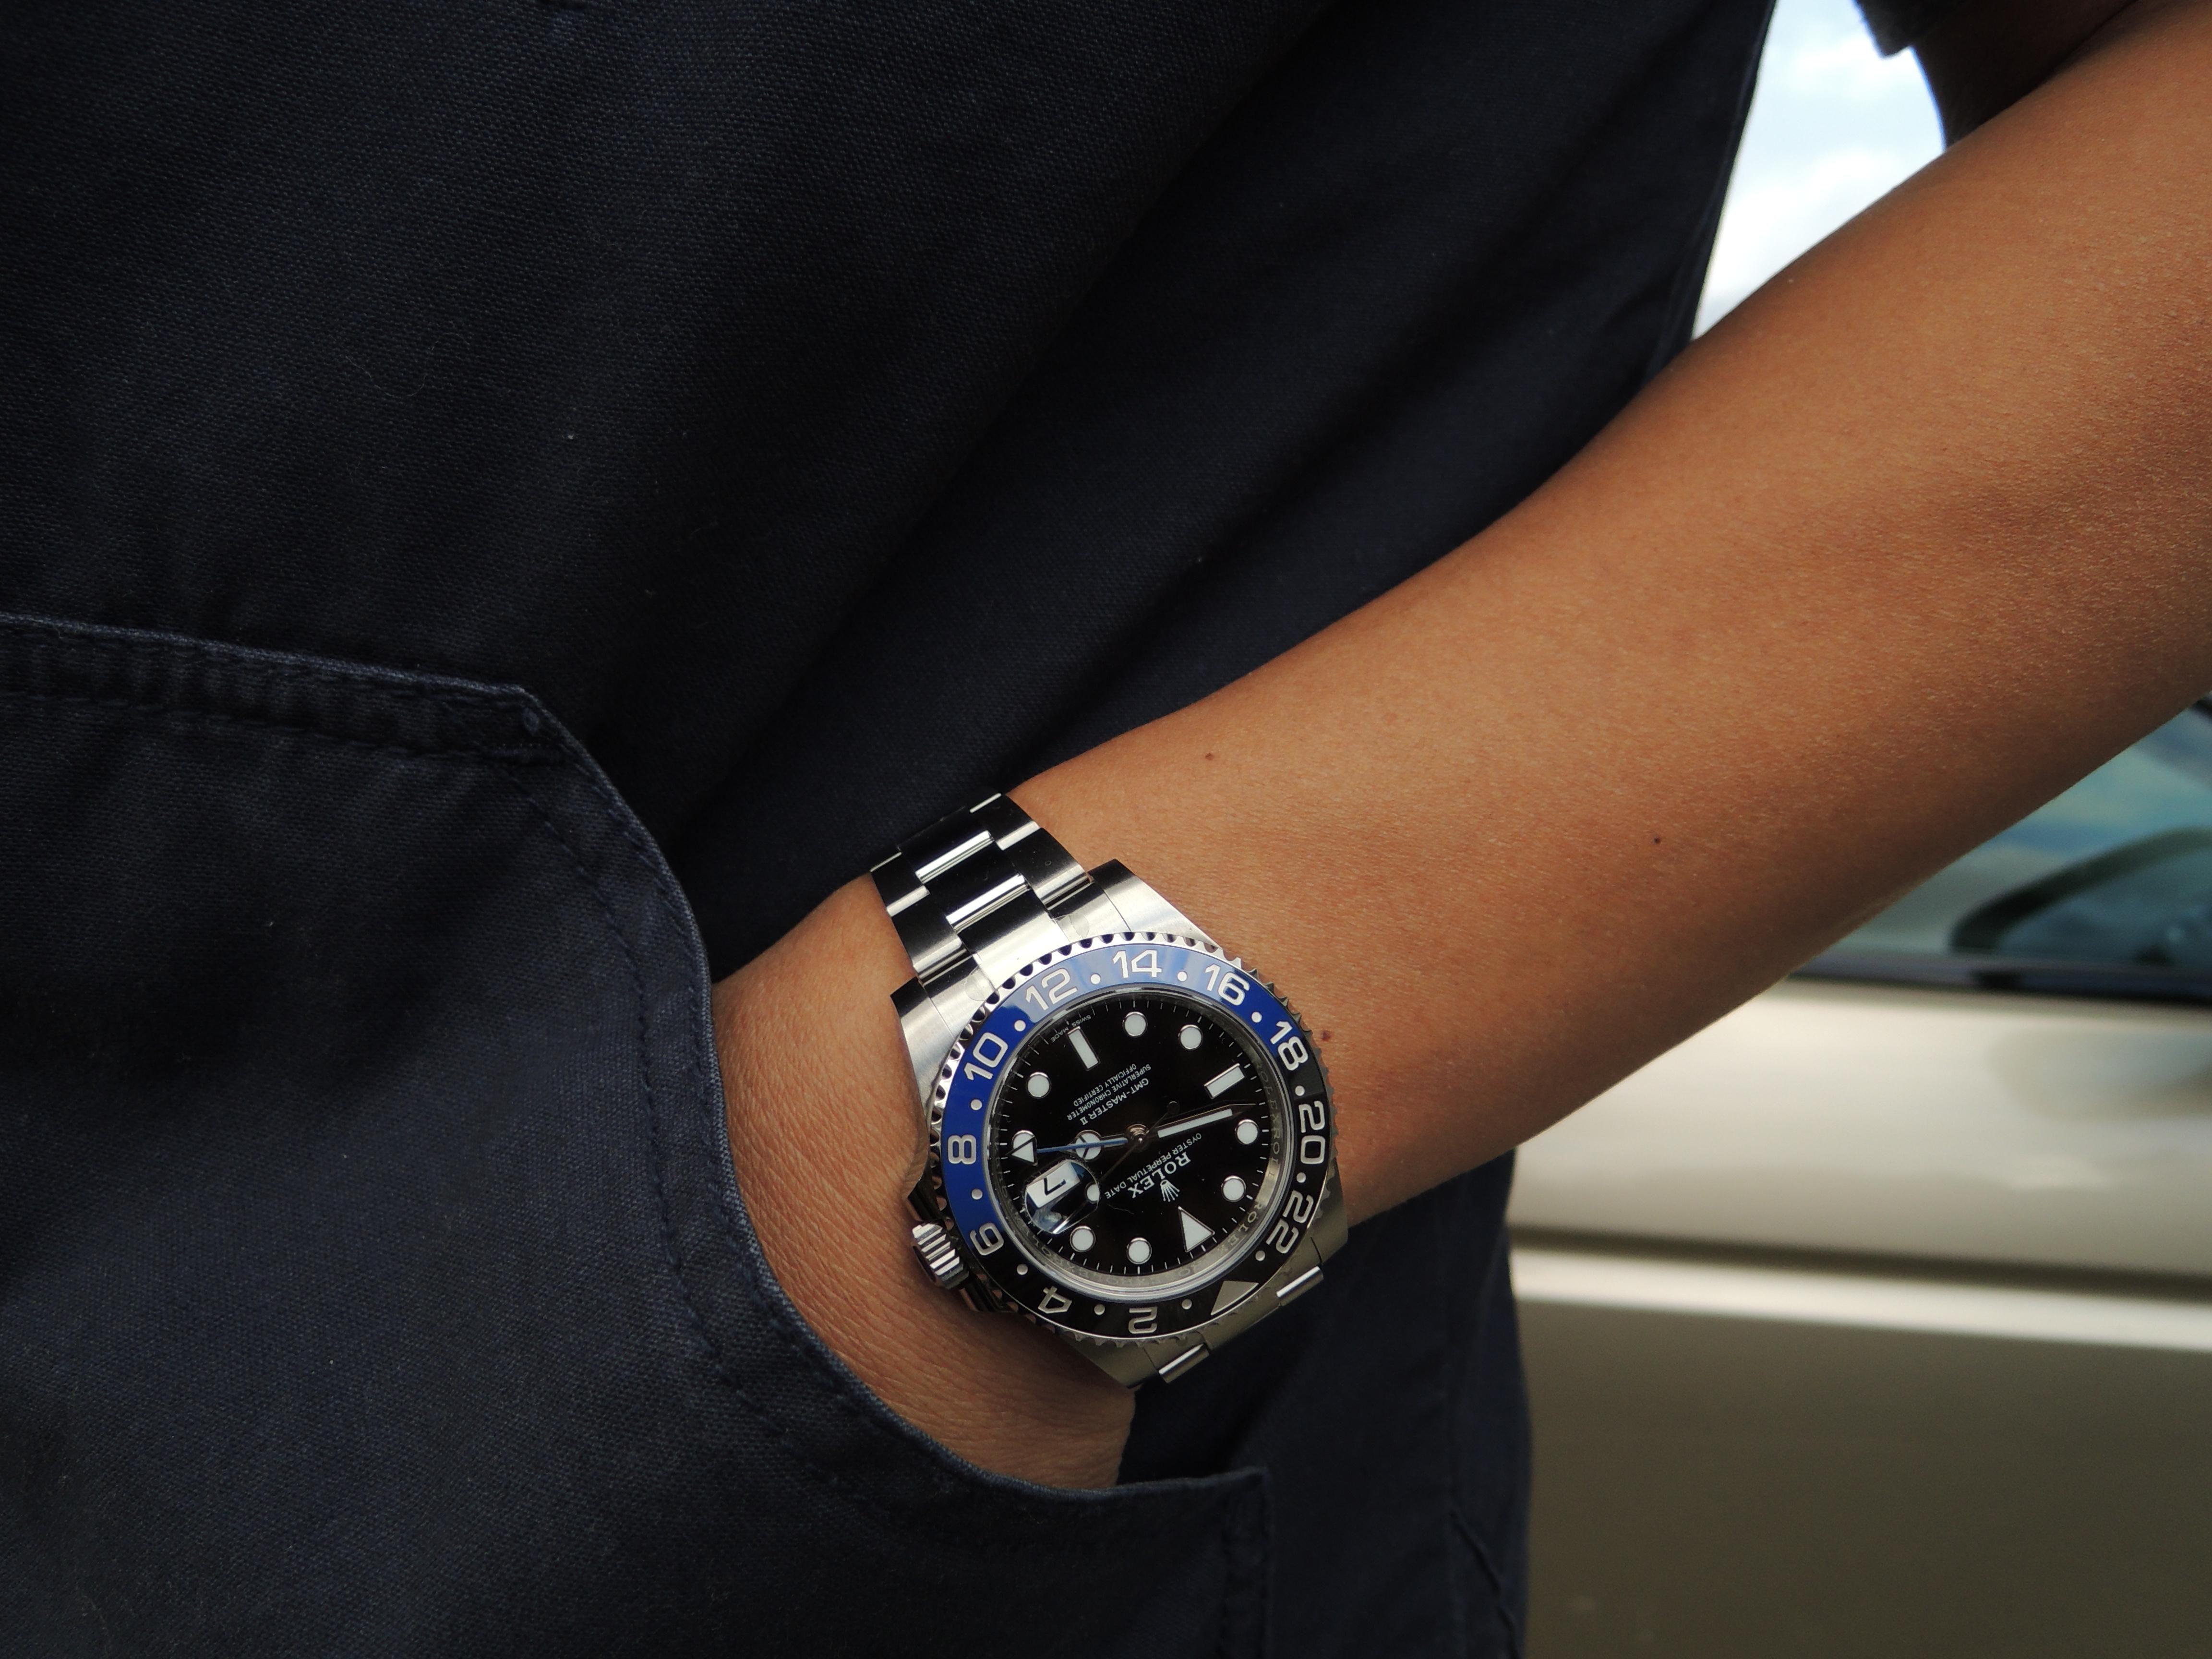 Rolex Gmt Master Ii Blnr Blue Steel Http Ift Tt 2hvnmlv Rolex Gmt Master Ii Rolex Gmt Black Rolex